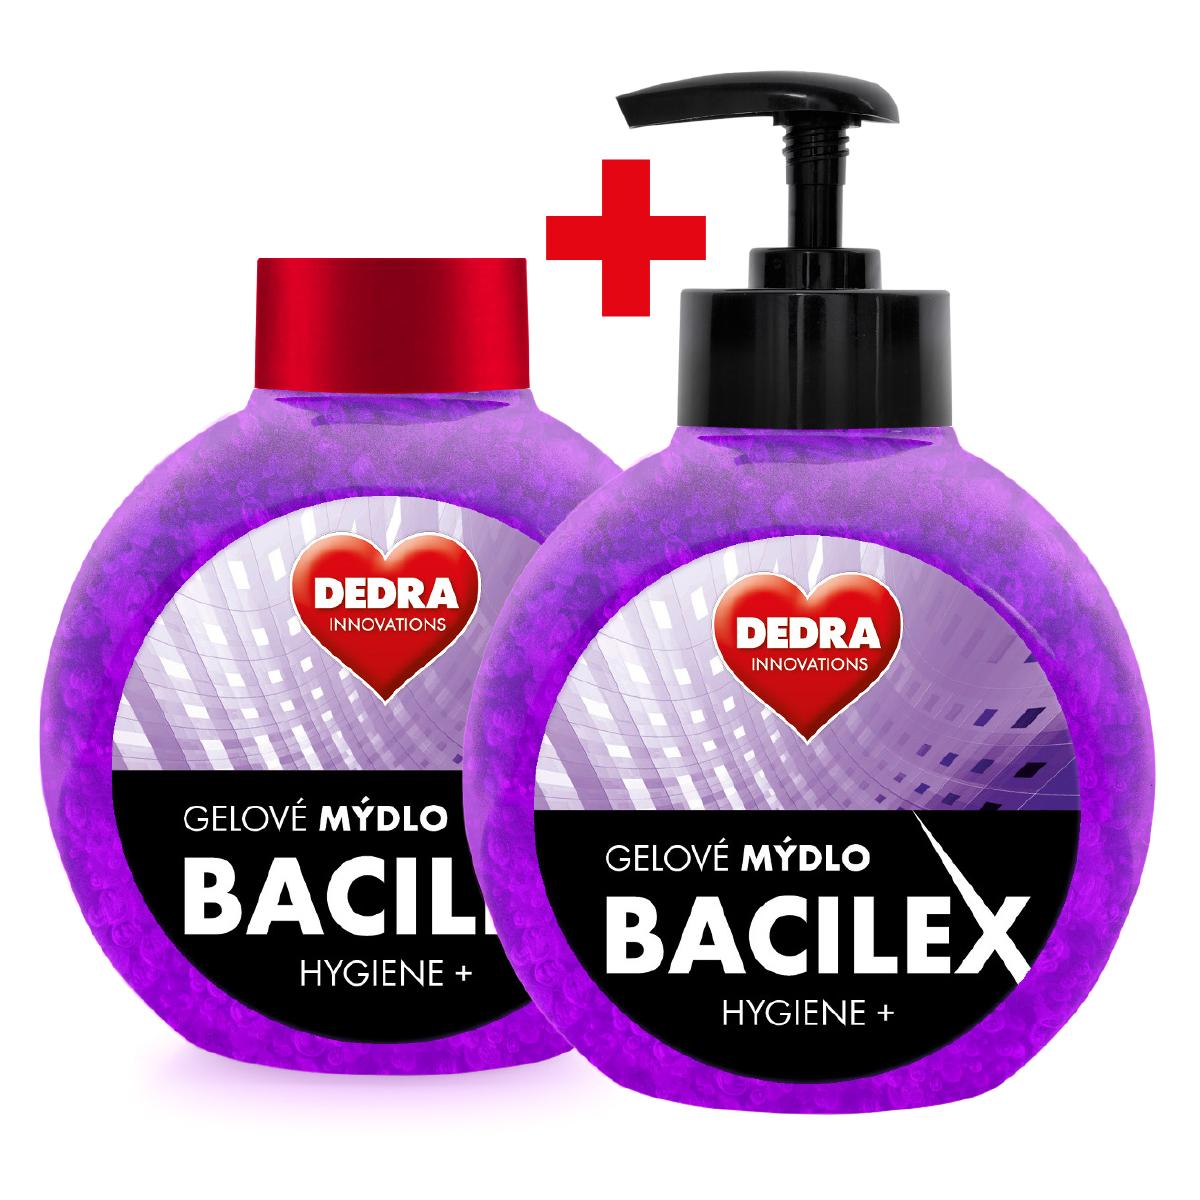 SADA 1+1 Gelové mýdlo s antimikrobiální přísadou, 500 ml, BACILEX® HYGIENE+